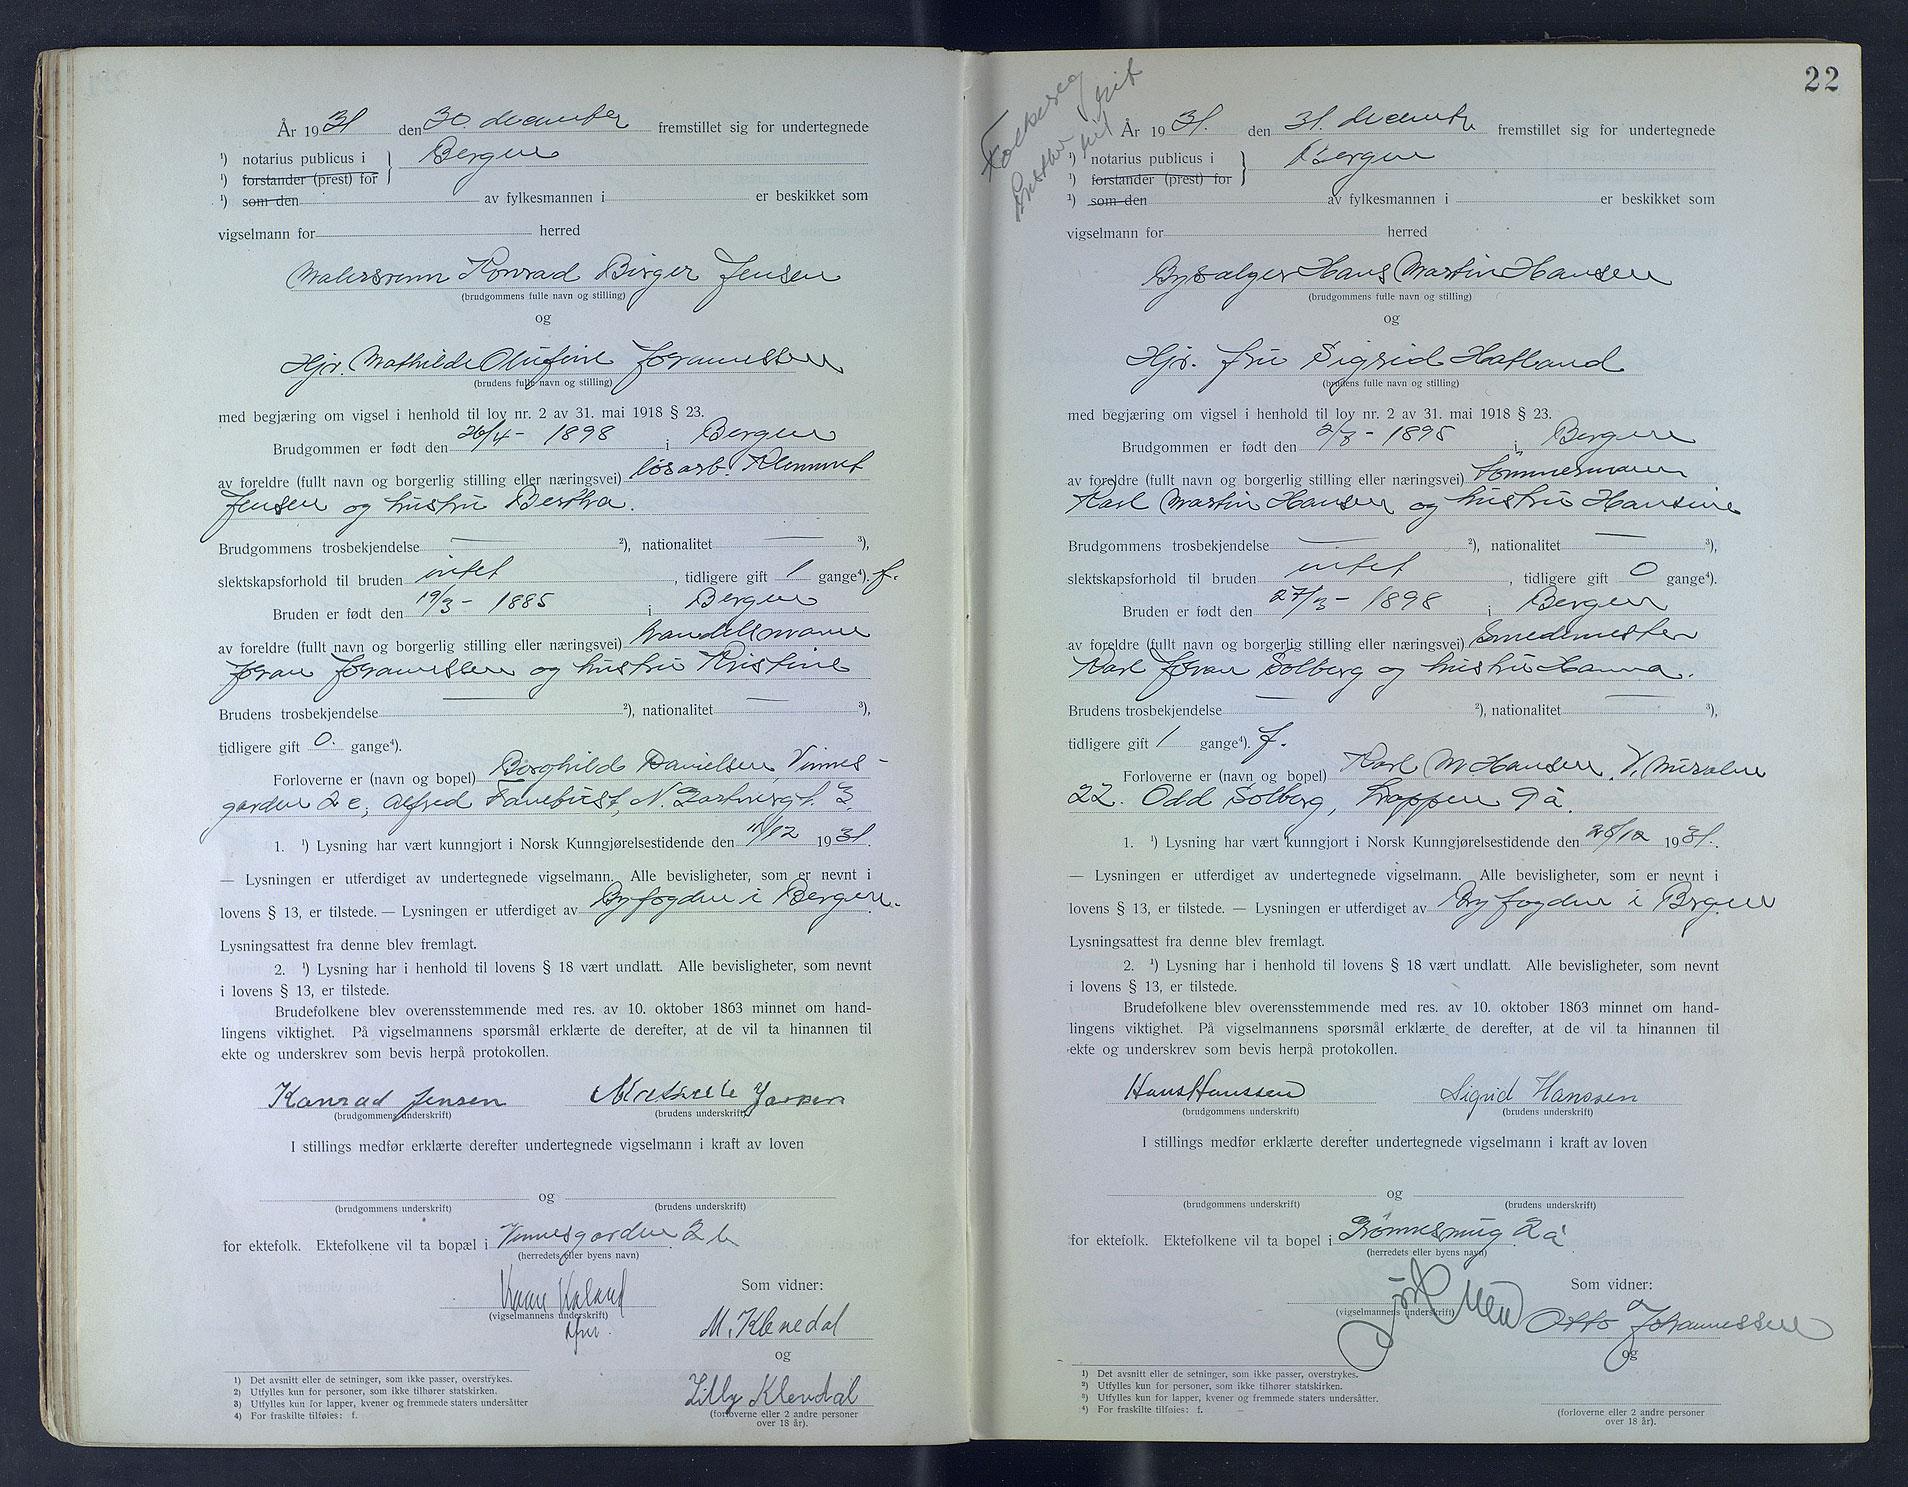 SAB, Byfogd og Byskriver i Bergen, 10/10F/L0006: Vielsesprotokoller, 1931-1933, s. 21b-22a